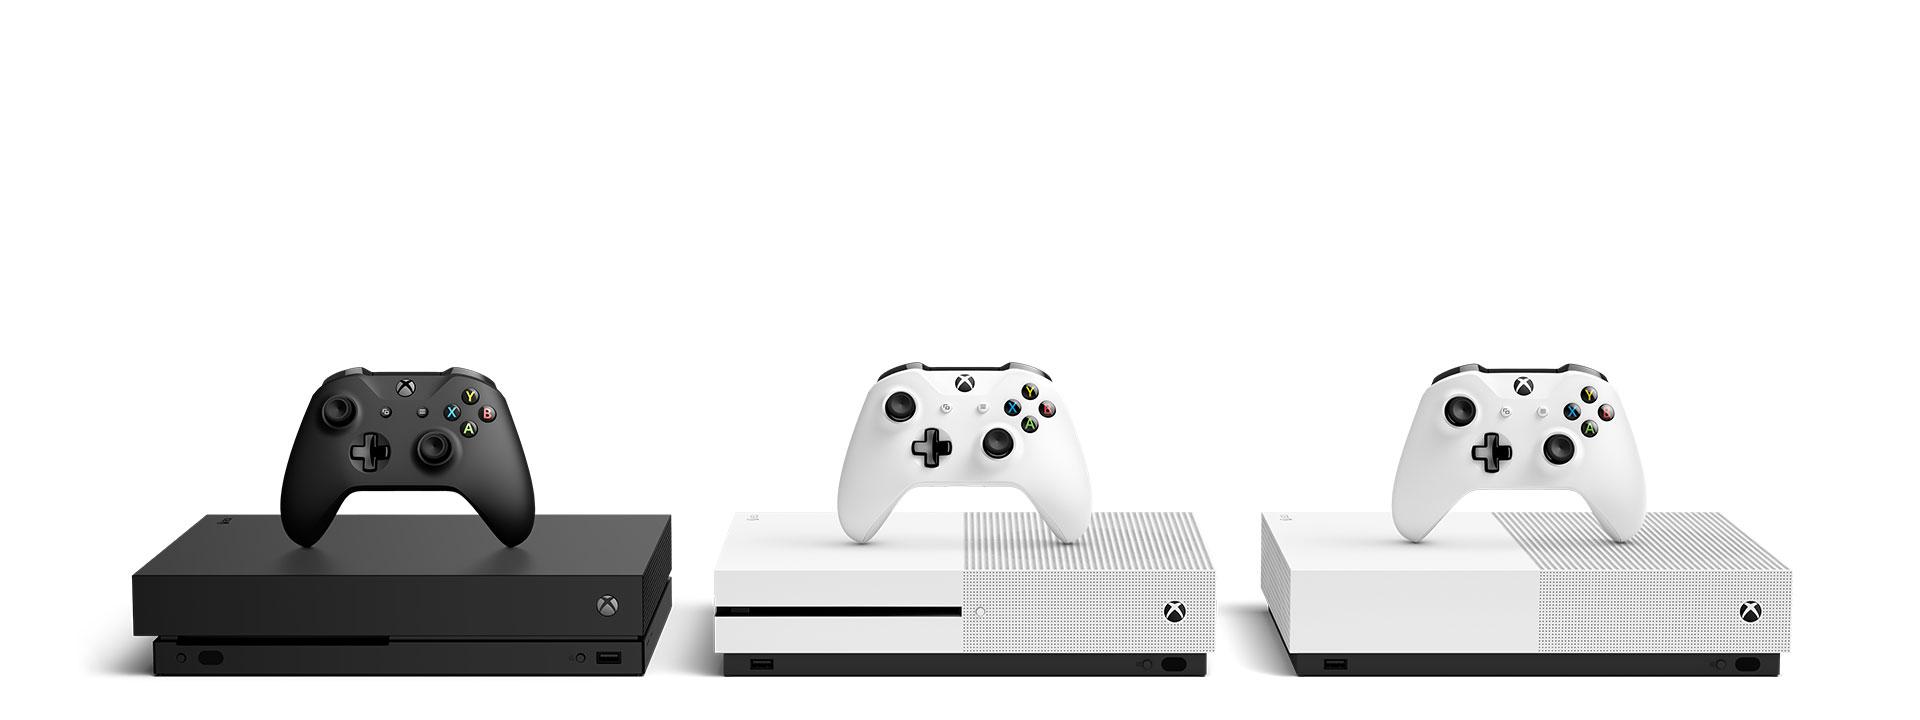 Microsoft E3 sale - $100 off select Xbox One X bundles, $50